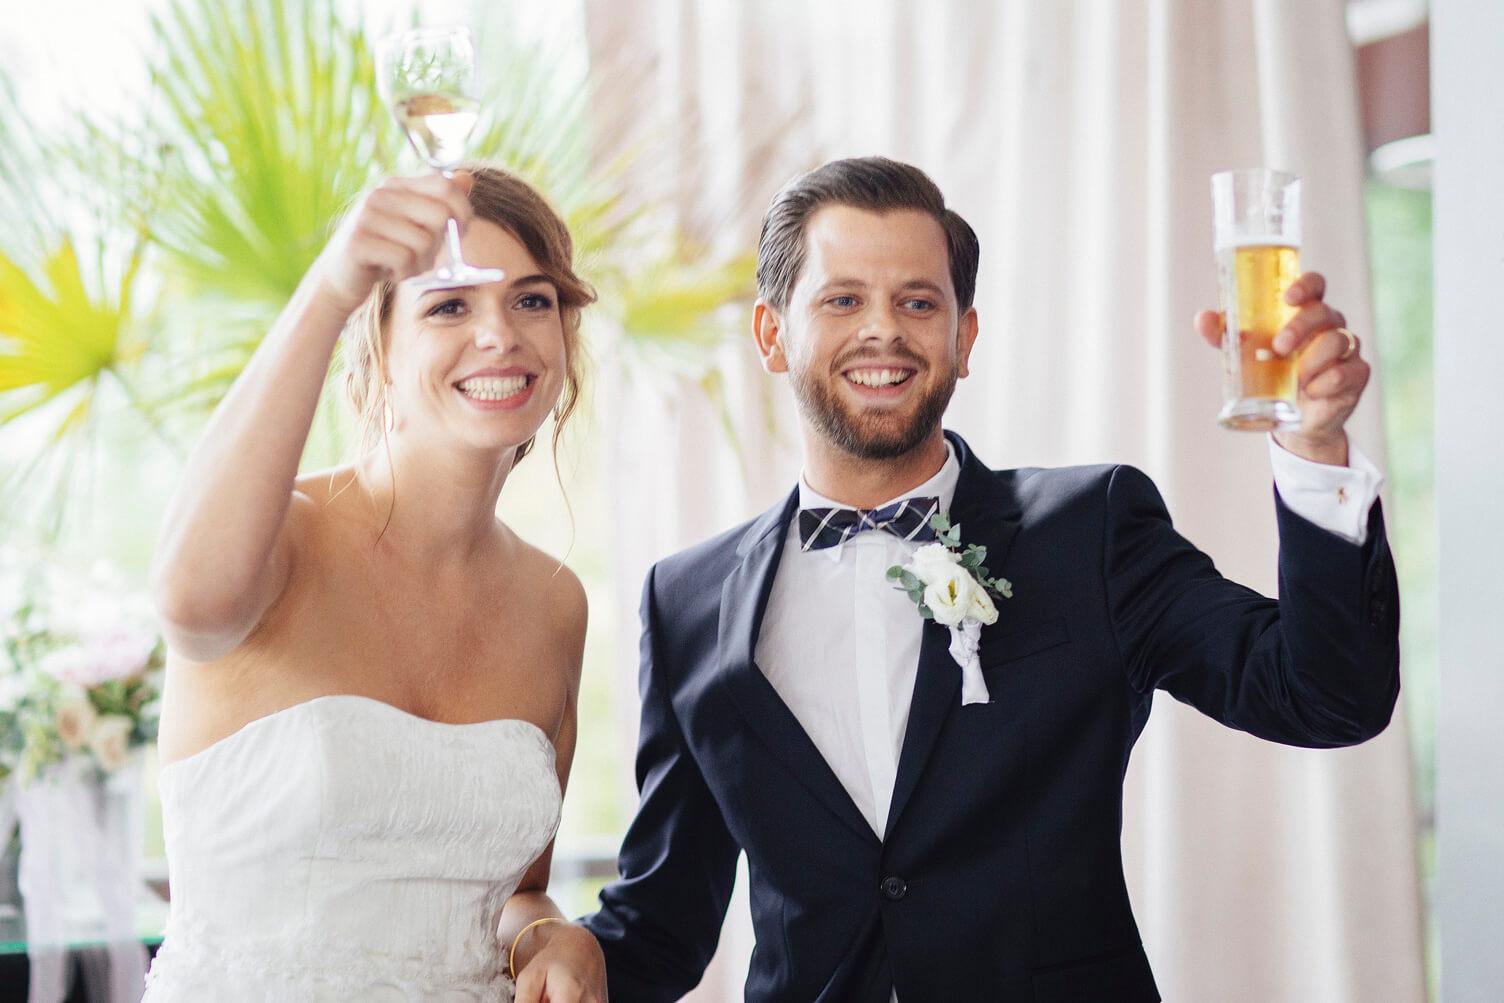 you-me-us_wedding-and-family-photography_hochzeitsreportage-hamburg_isabelle-niki_152